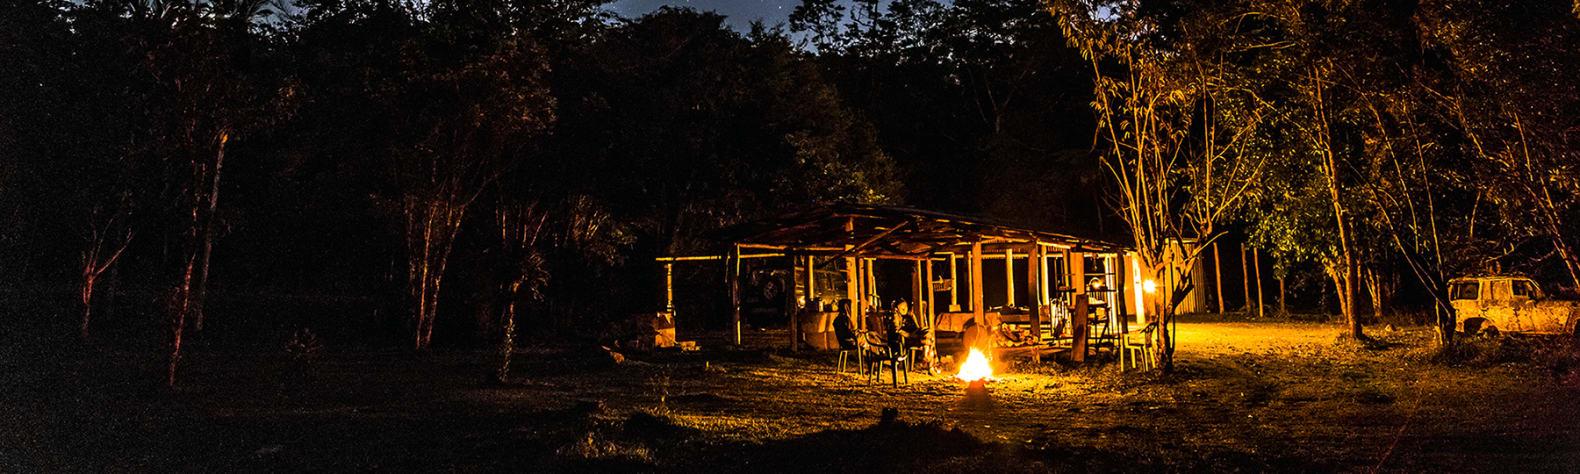 Yindilli Camping and Guided Walks